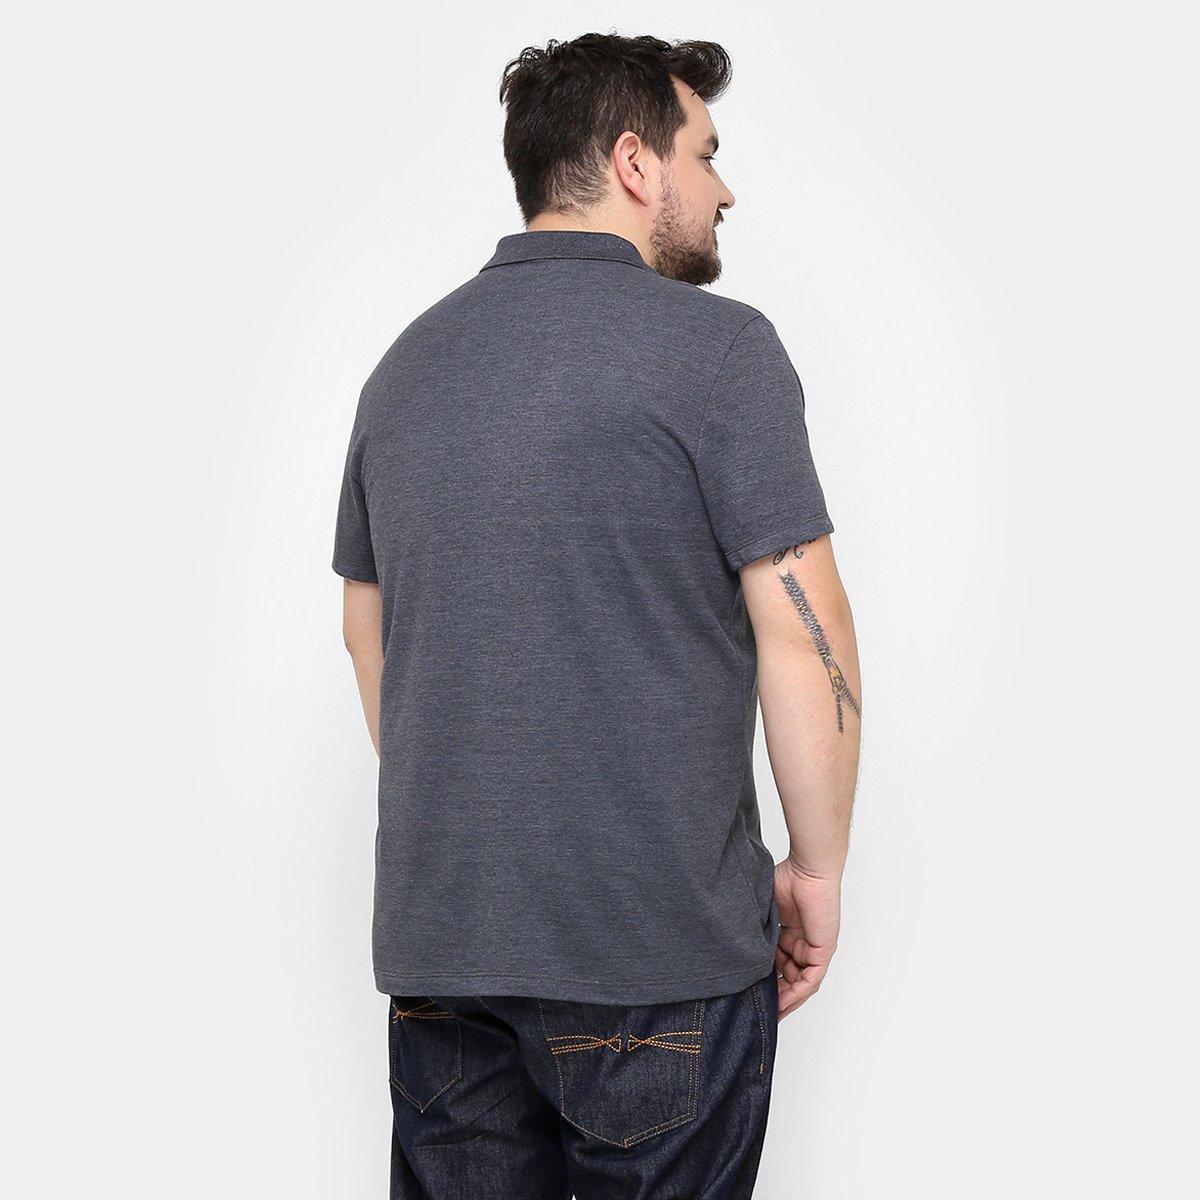 Camisa Polo Kohmar Piquet Plus Size Masculina - Cinza - Compre Agora ... 9e8357dd3271a